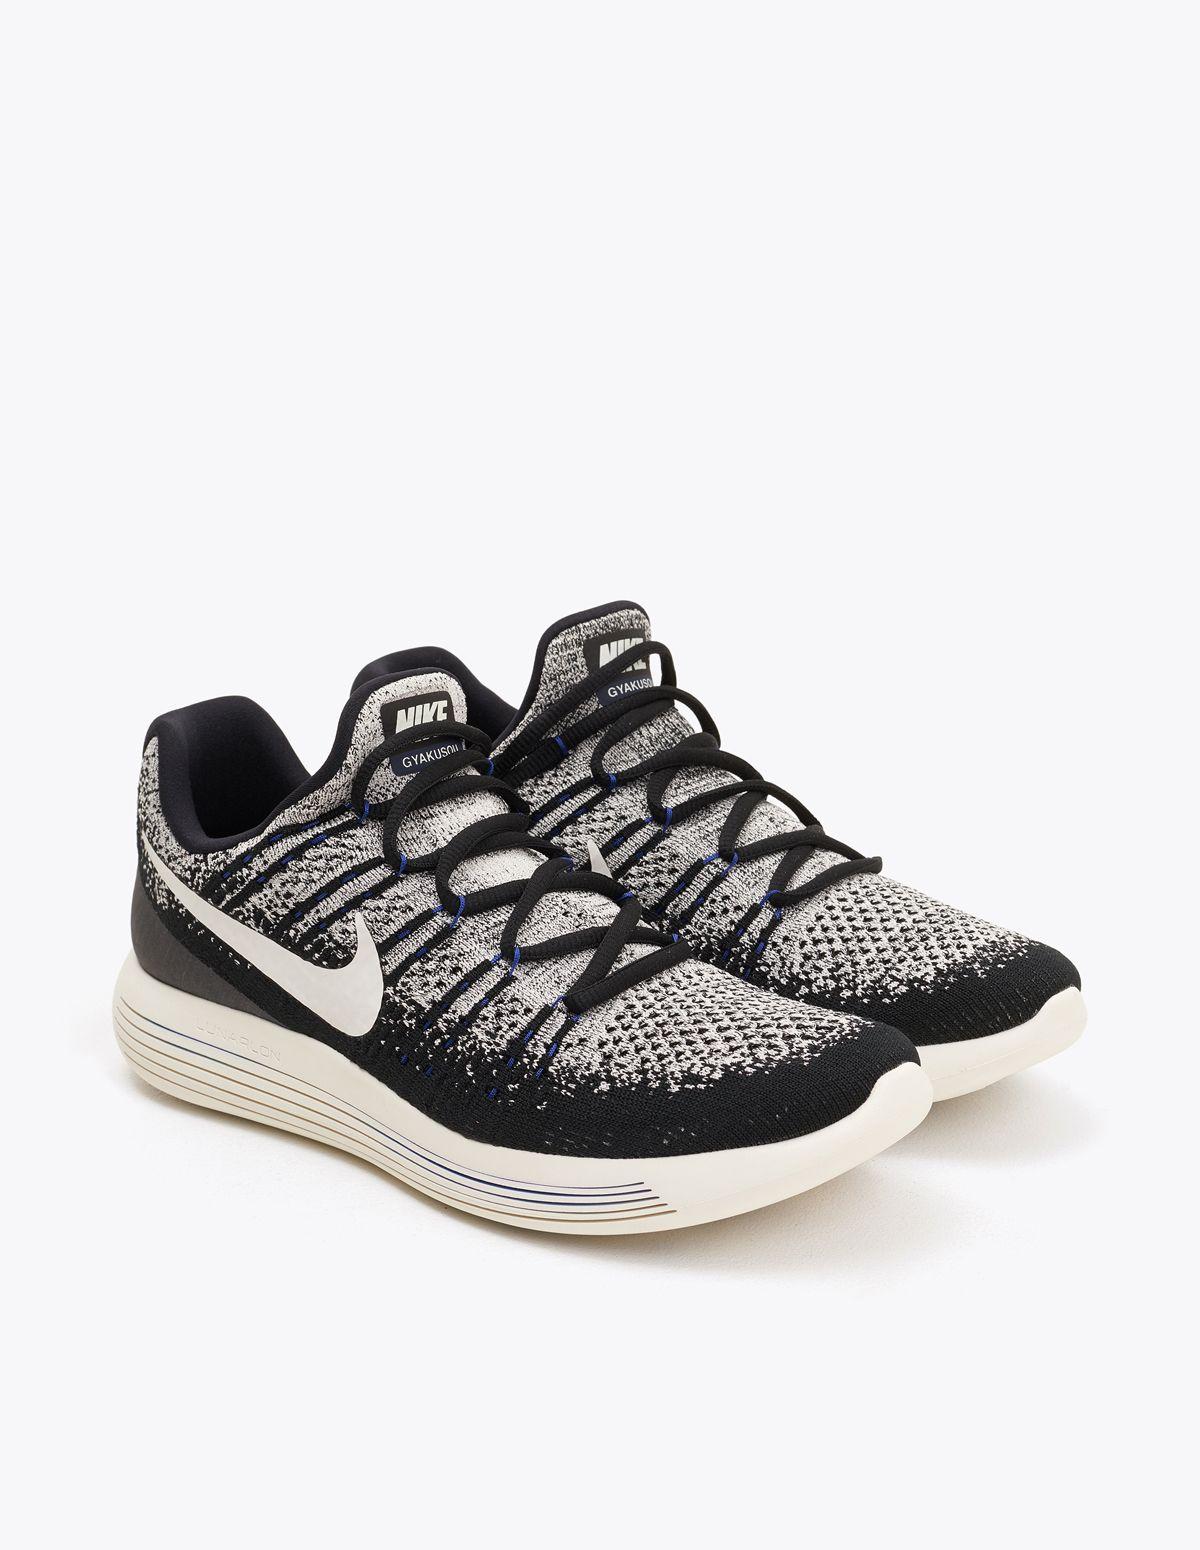 c062d65235e5 Nike x Undercover Gyakusou Lunarepic Low Flyknit 2 Black Sail ...